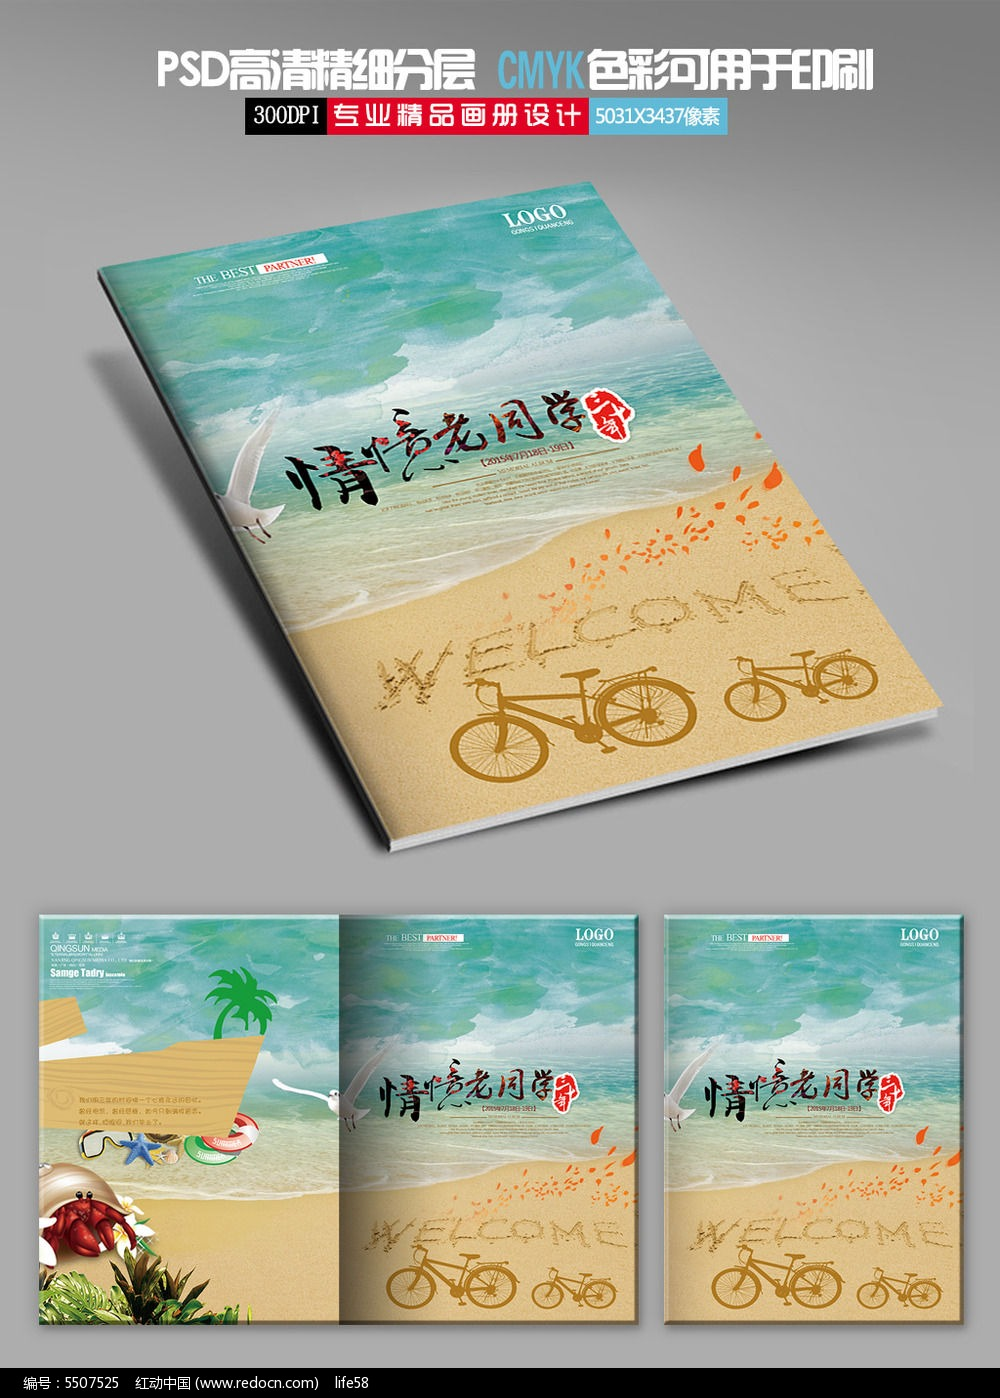 怀旧同学录纪念册青春相册画册模板图片